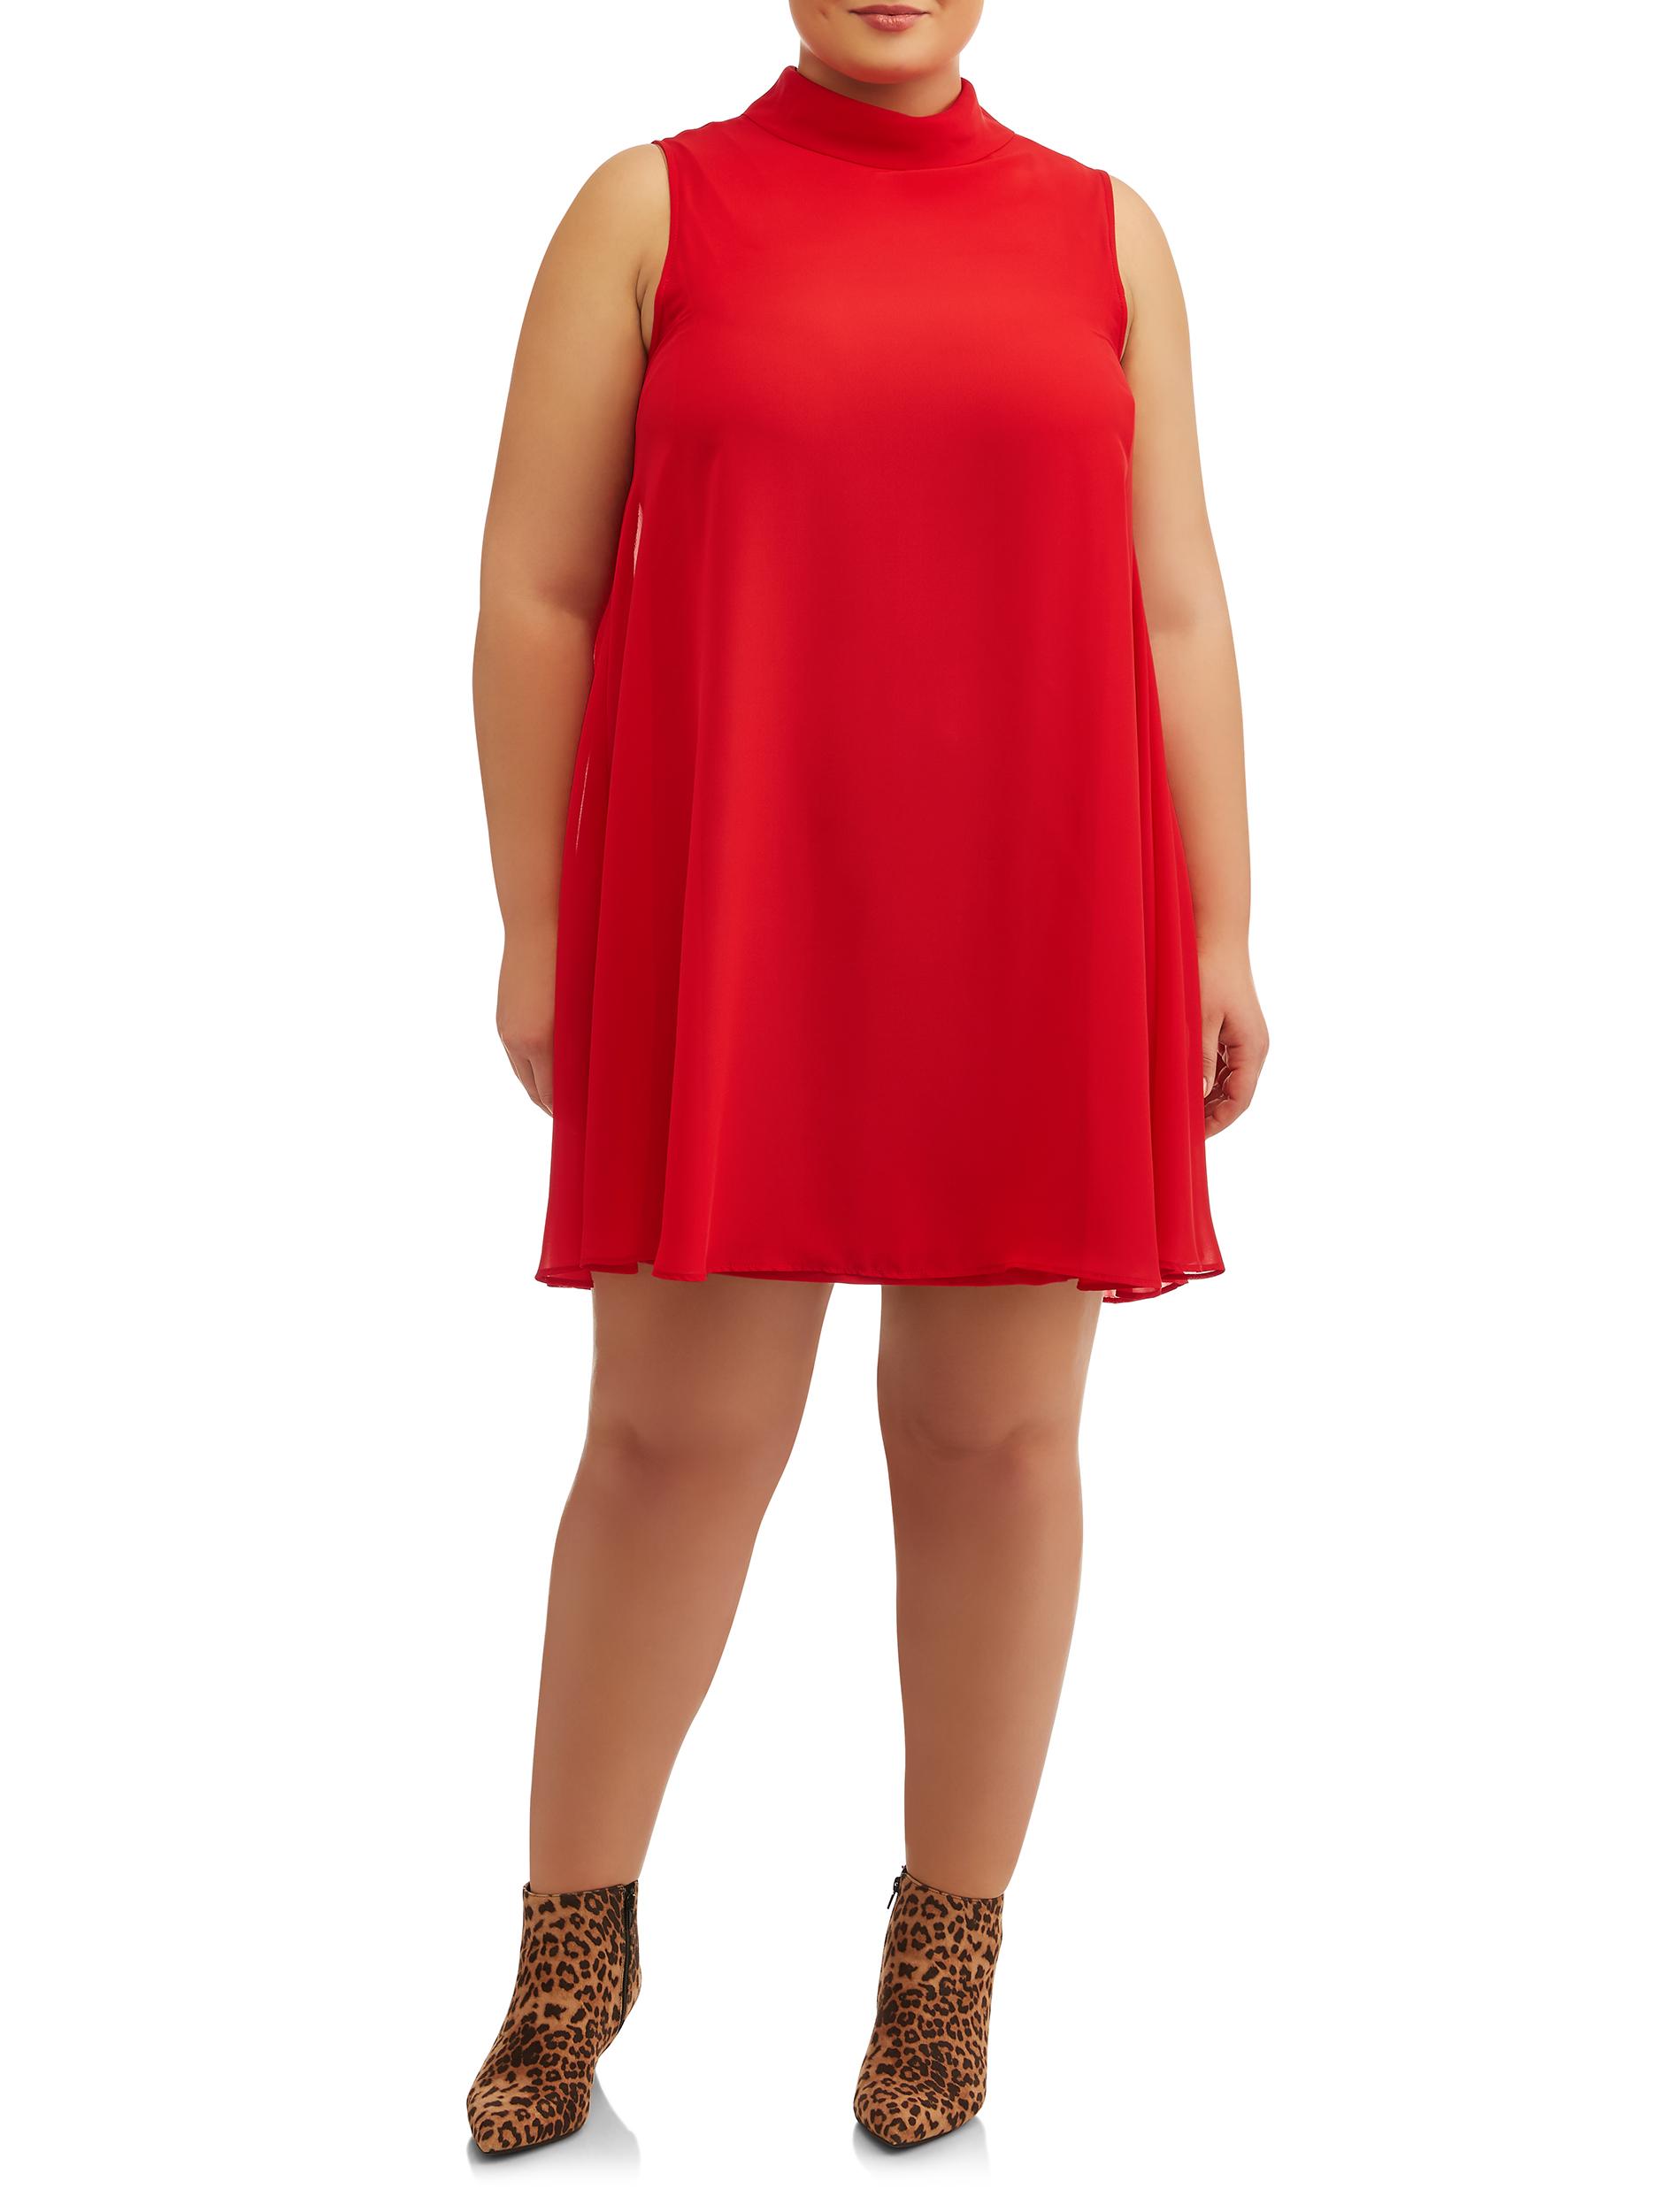 Women's Plus Size Sleeveless Chiffon Shift Dress